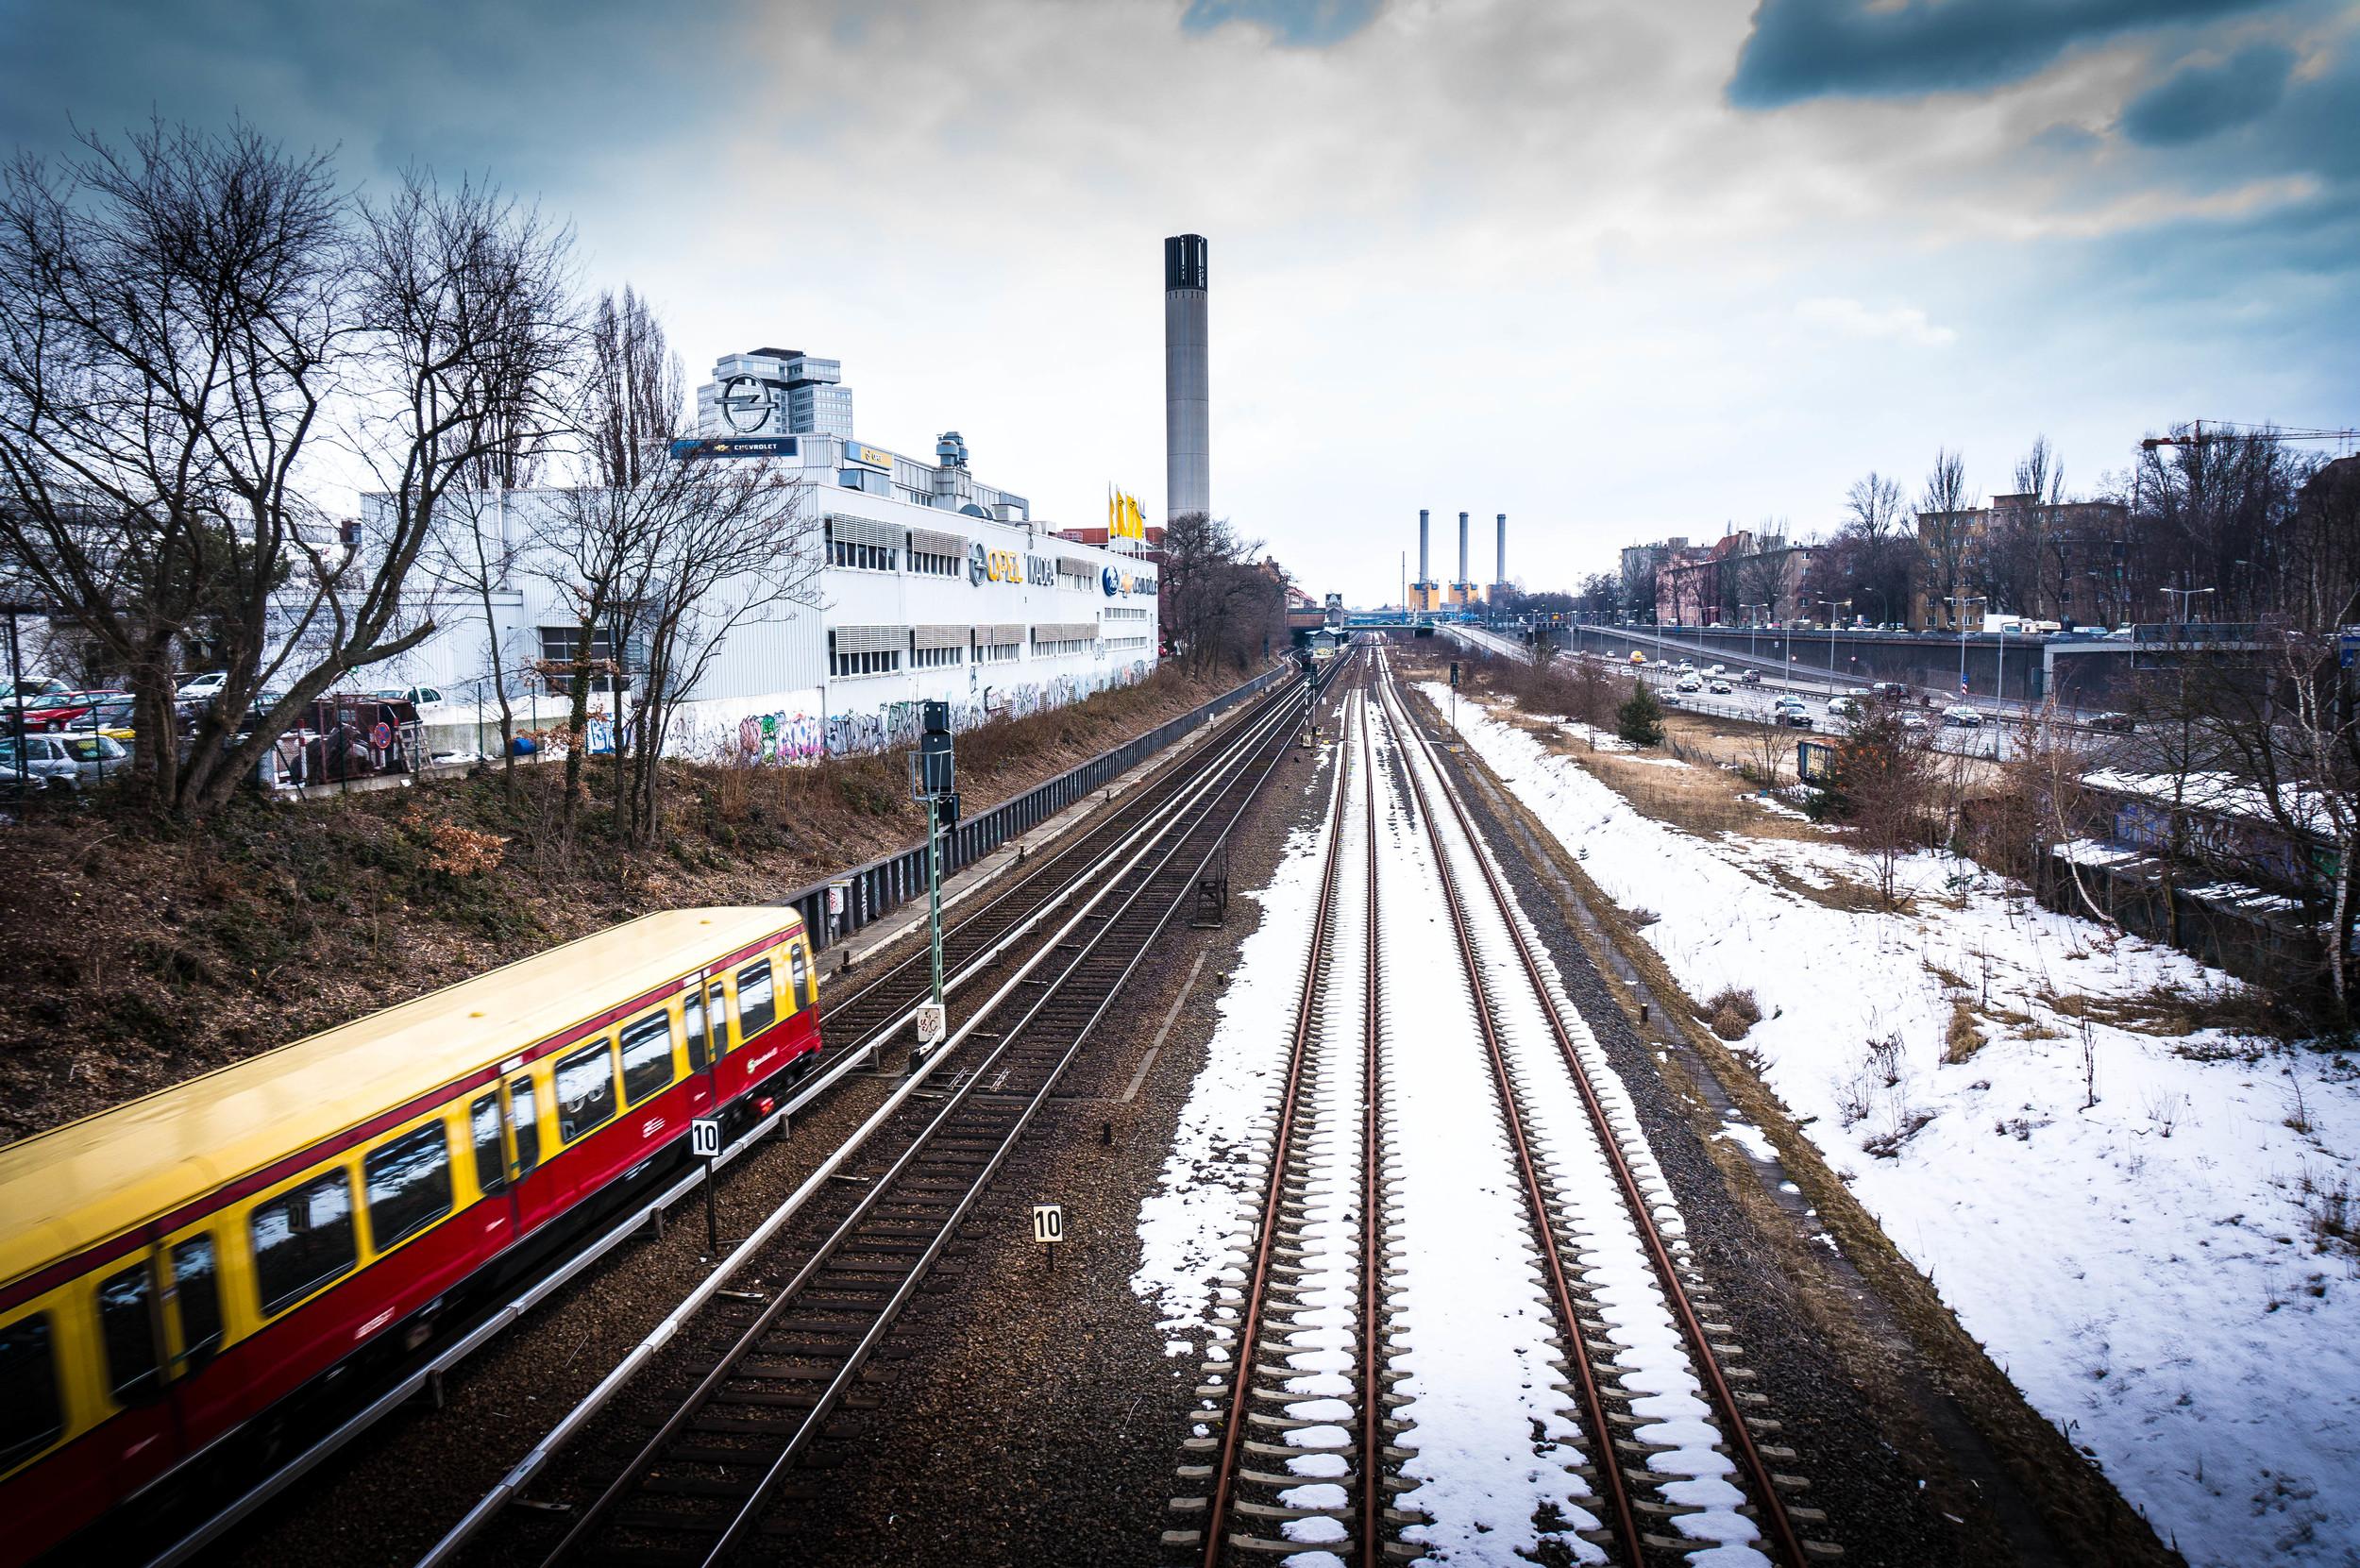 S-Bahn train on snowy tracks